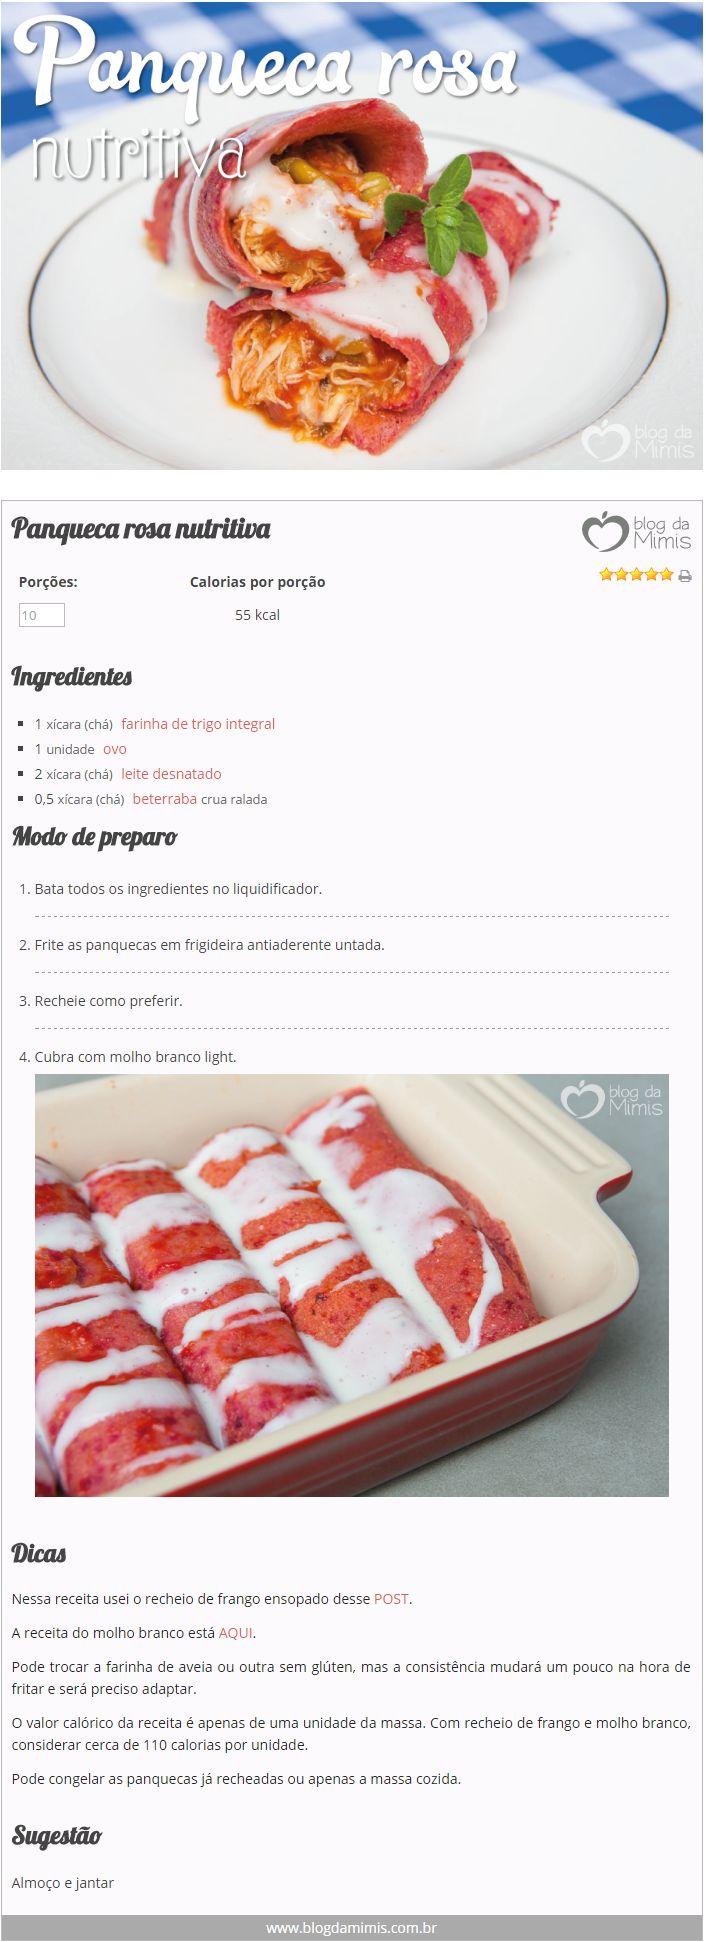 Panqueca rosa nutritiva - Blog da Mimis #panqueca #rosa #receita #dieta #emagrecer